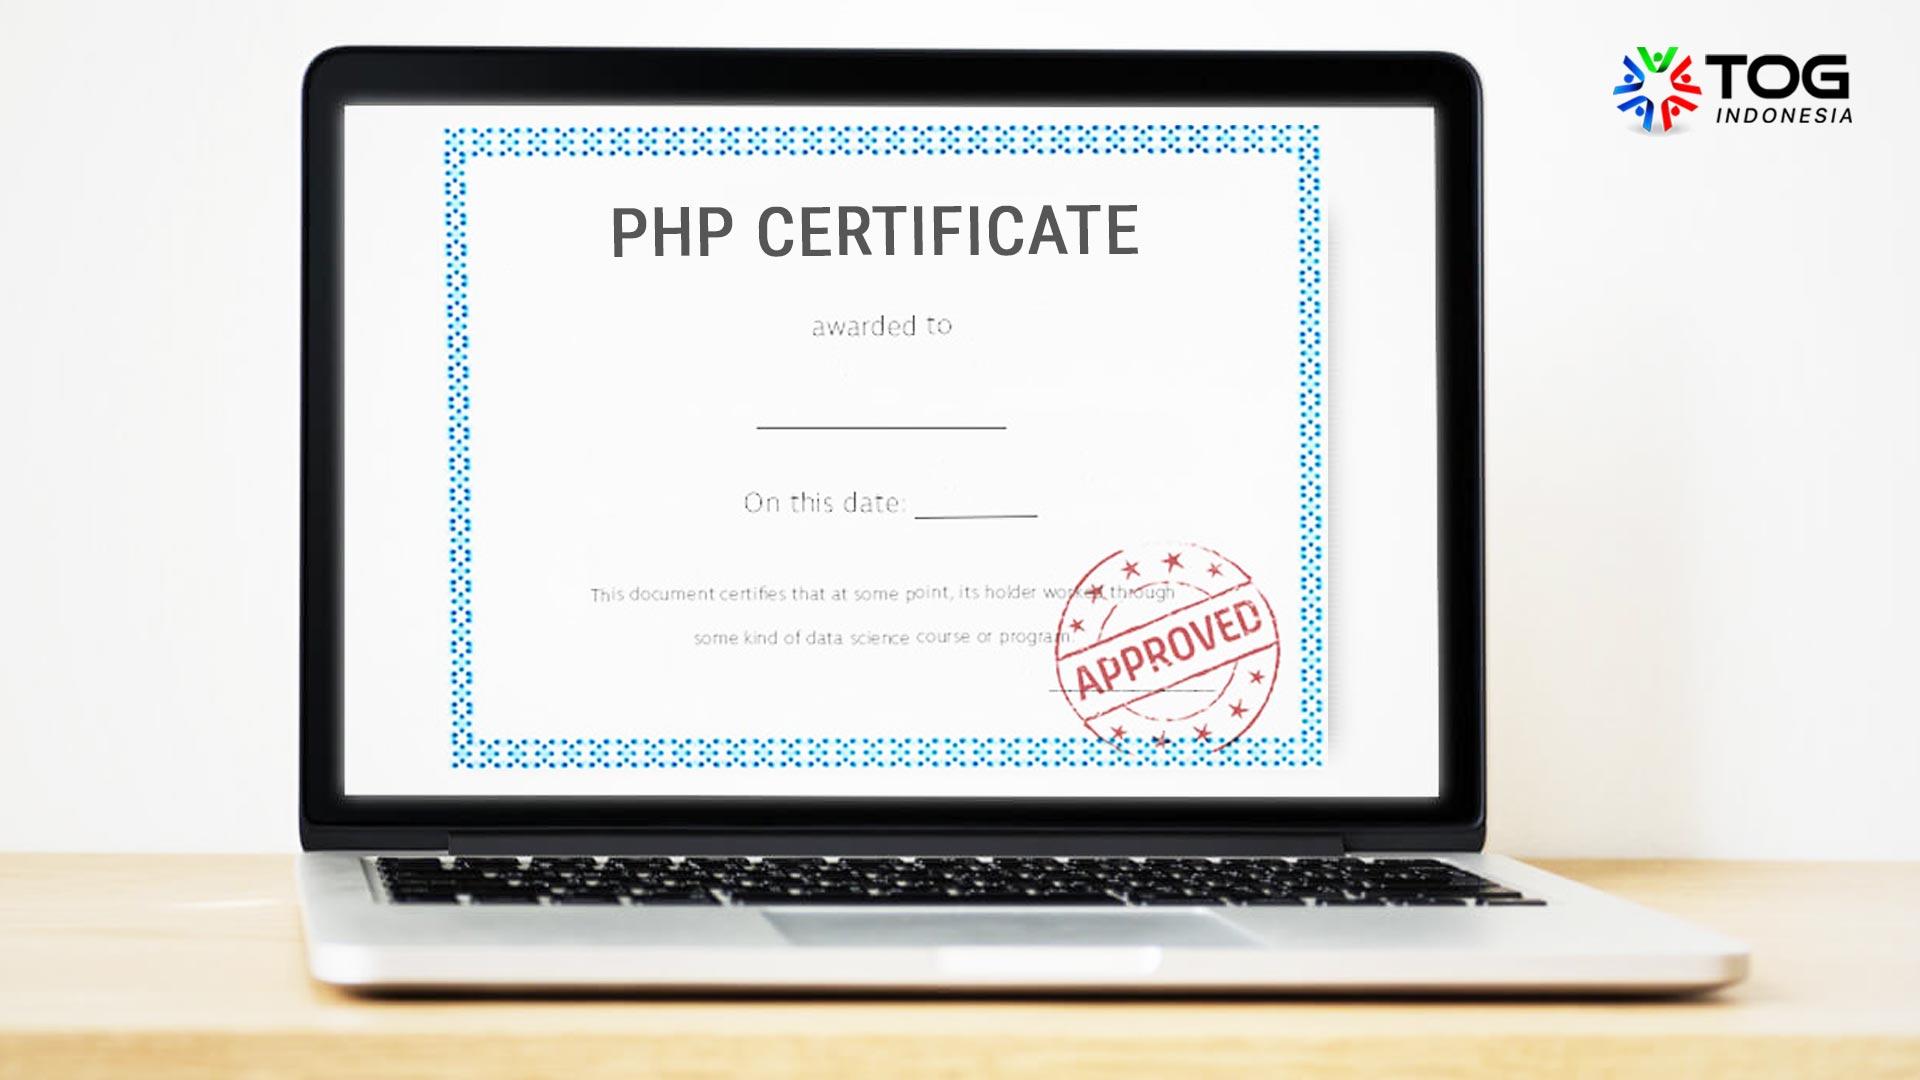 5 Sertifikasi PHP Terbaik Tahun 2021 yang Wajib Anda Miliki